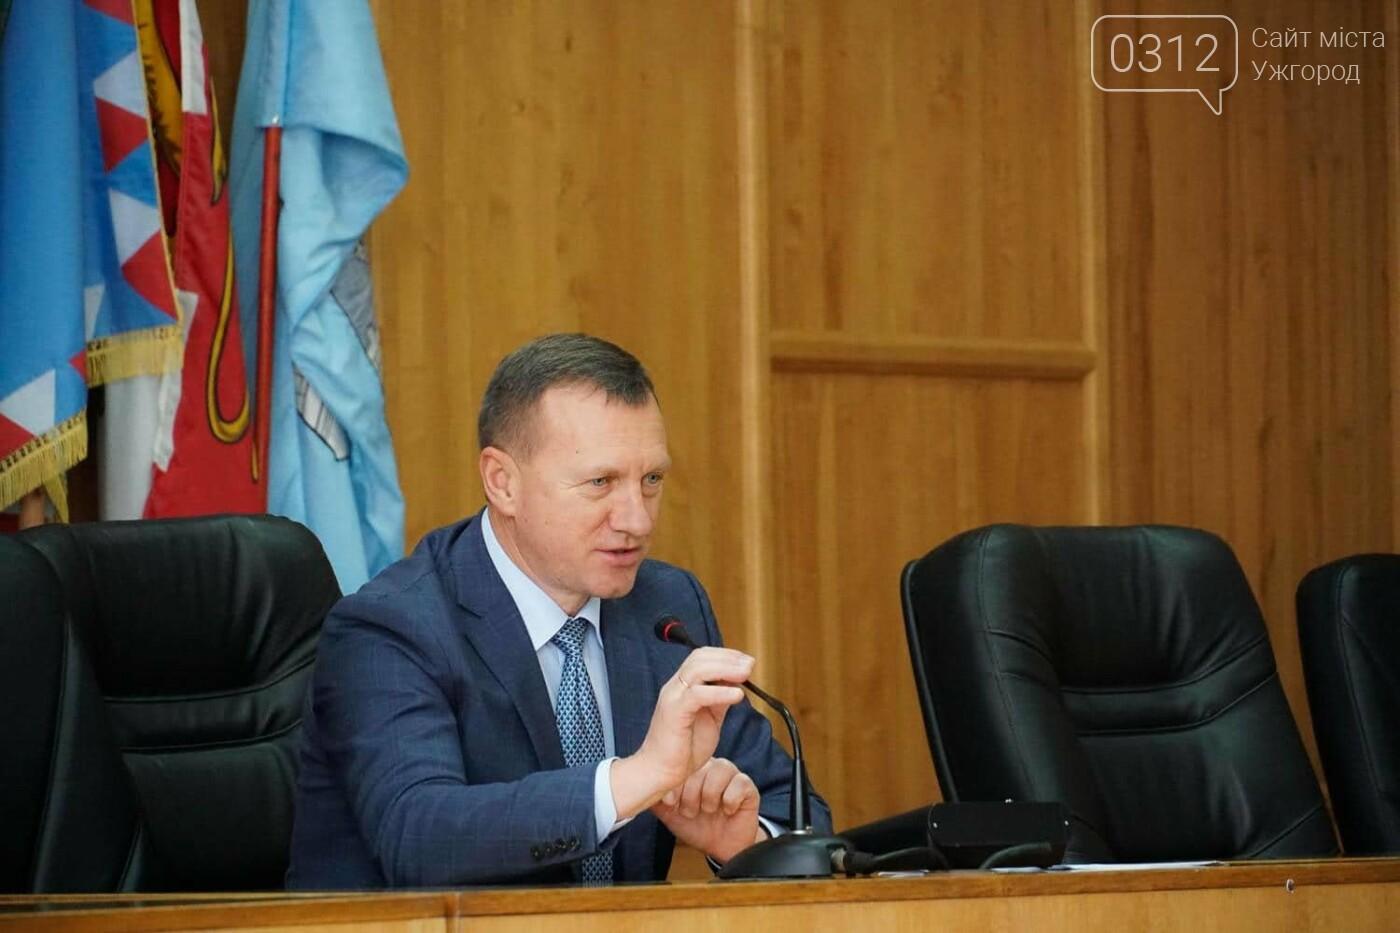 Проєкт бюджету Ужгорода – 2020: на 200 мільйонів менше і з перспективою змін (ІНФОГРАФІКА), фото-1